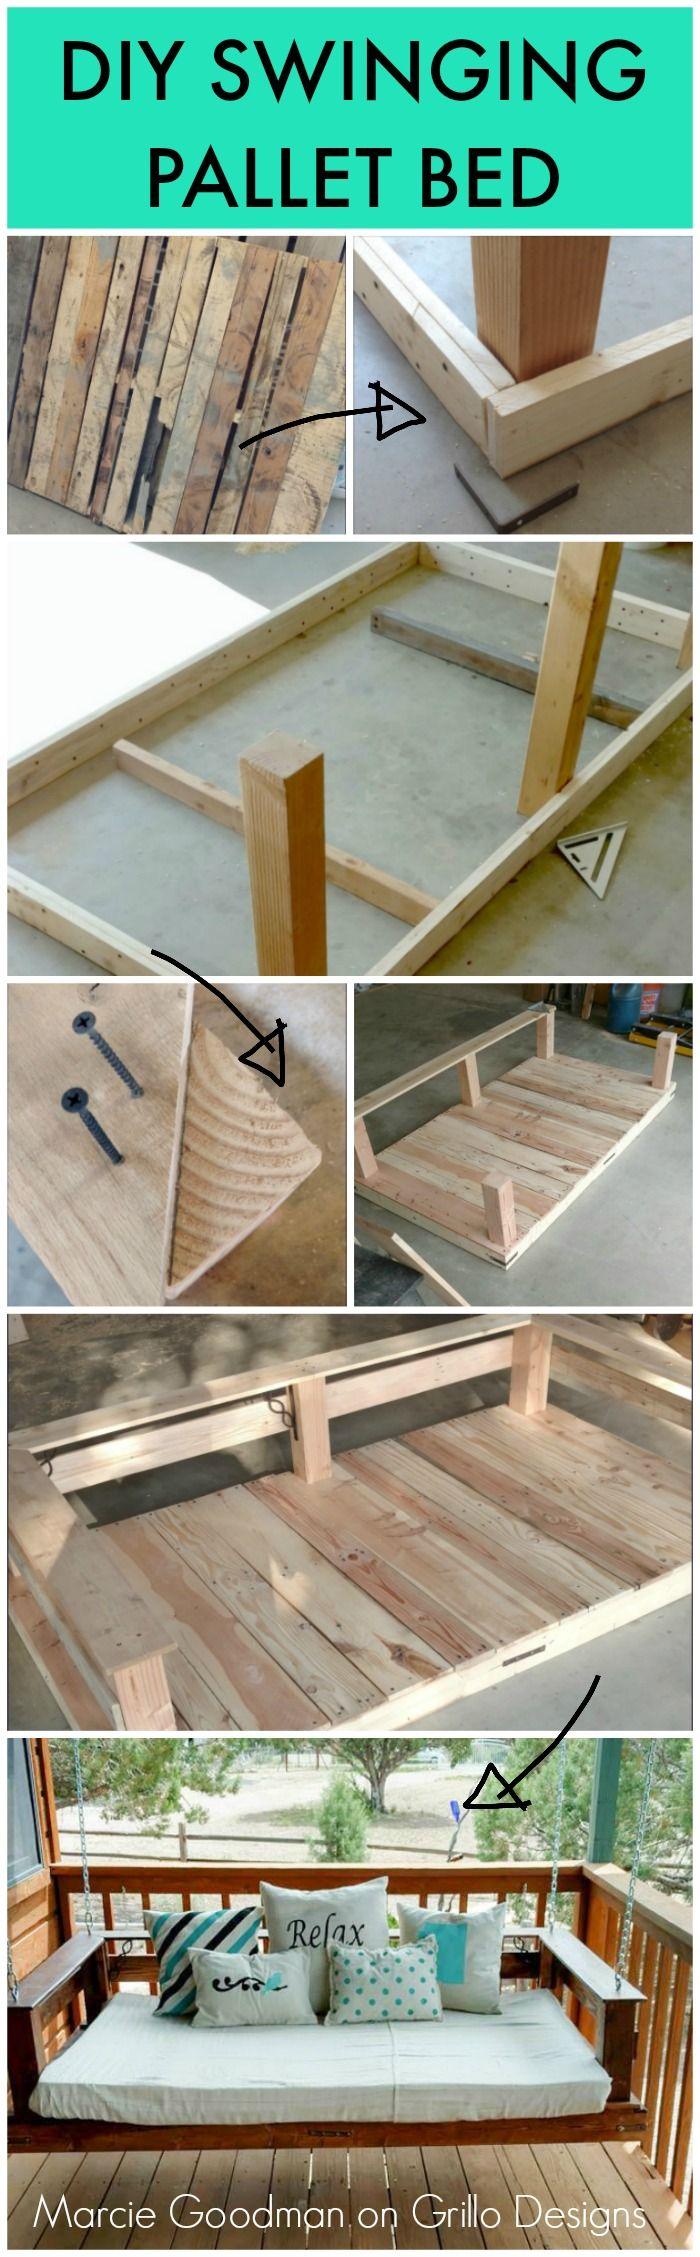 DIY Pallet Swing Bed • Grillo Designs